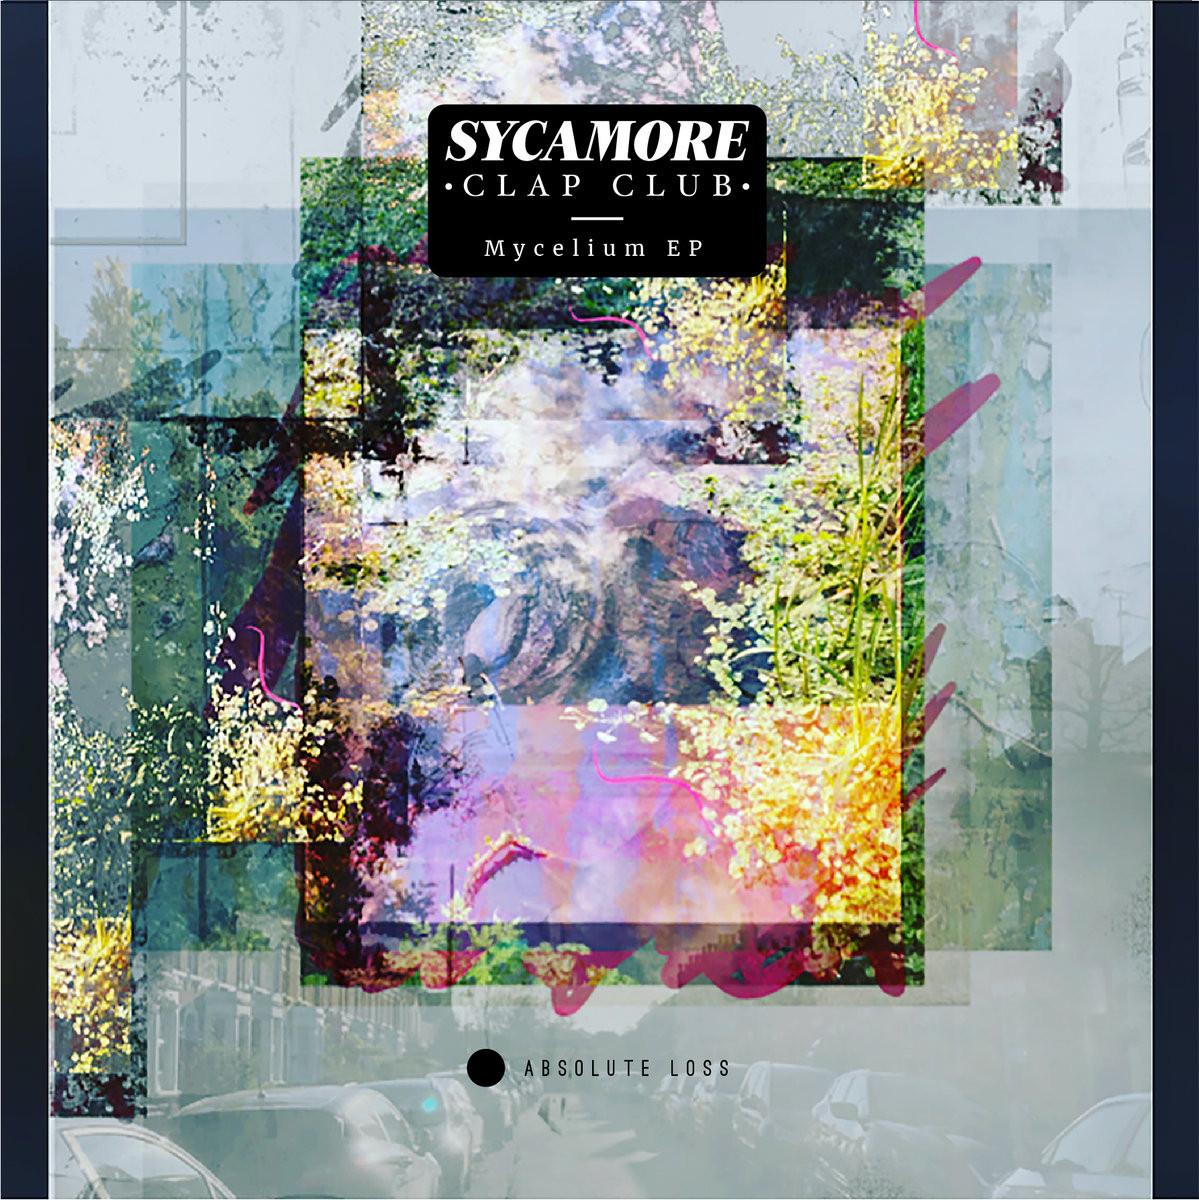 Sycamore Clap Club - Mycelium EP